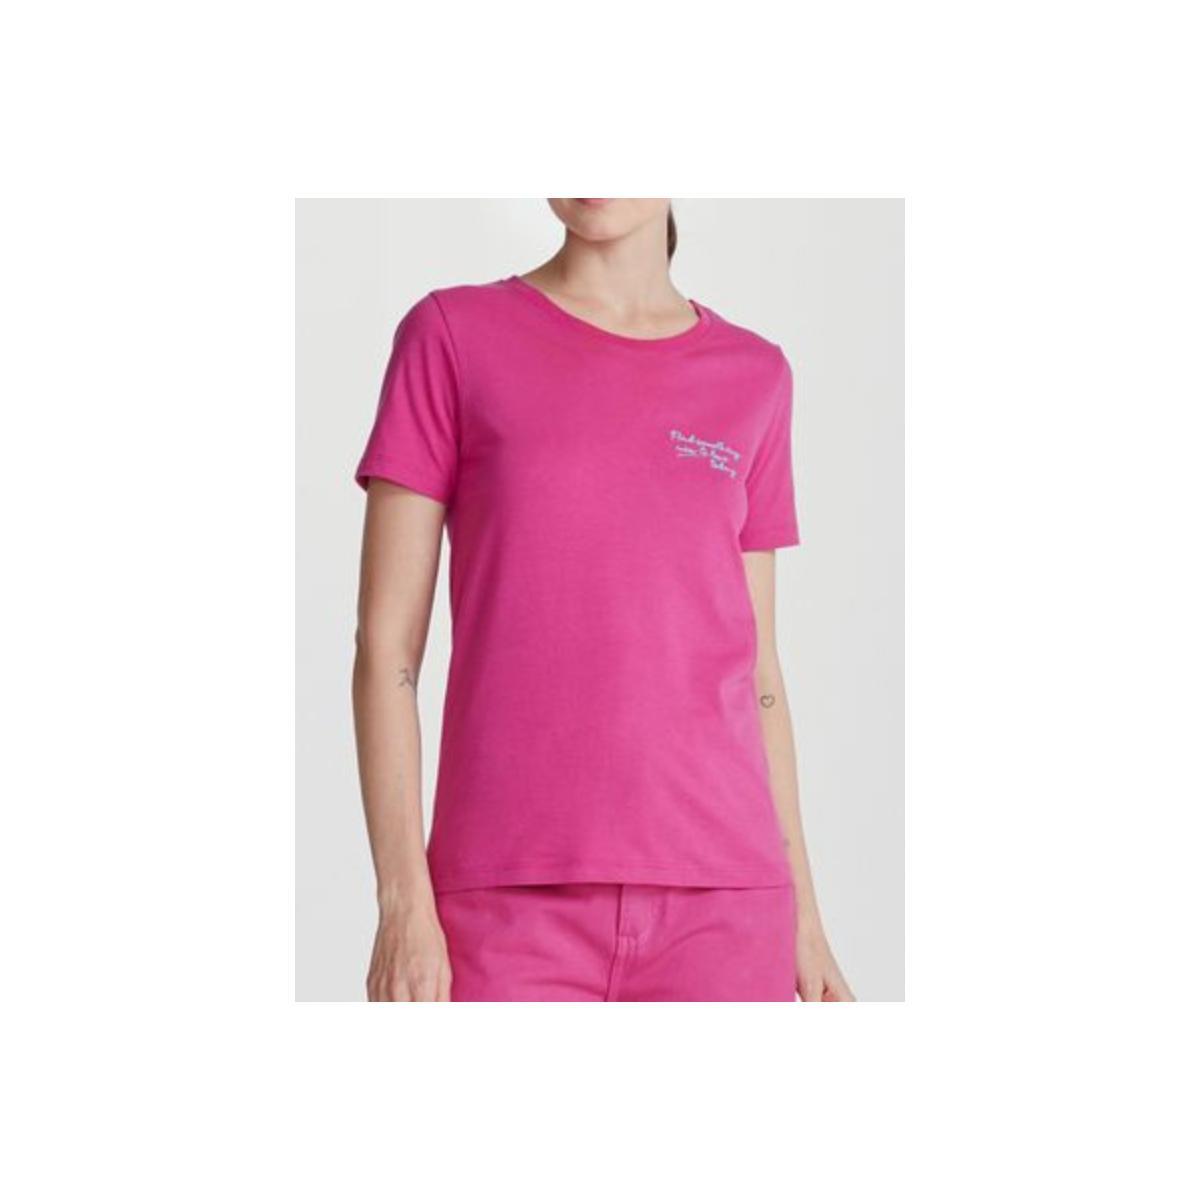 Blusa Feminina Hering 4fp7 K37en Pink